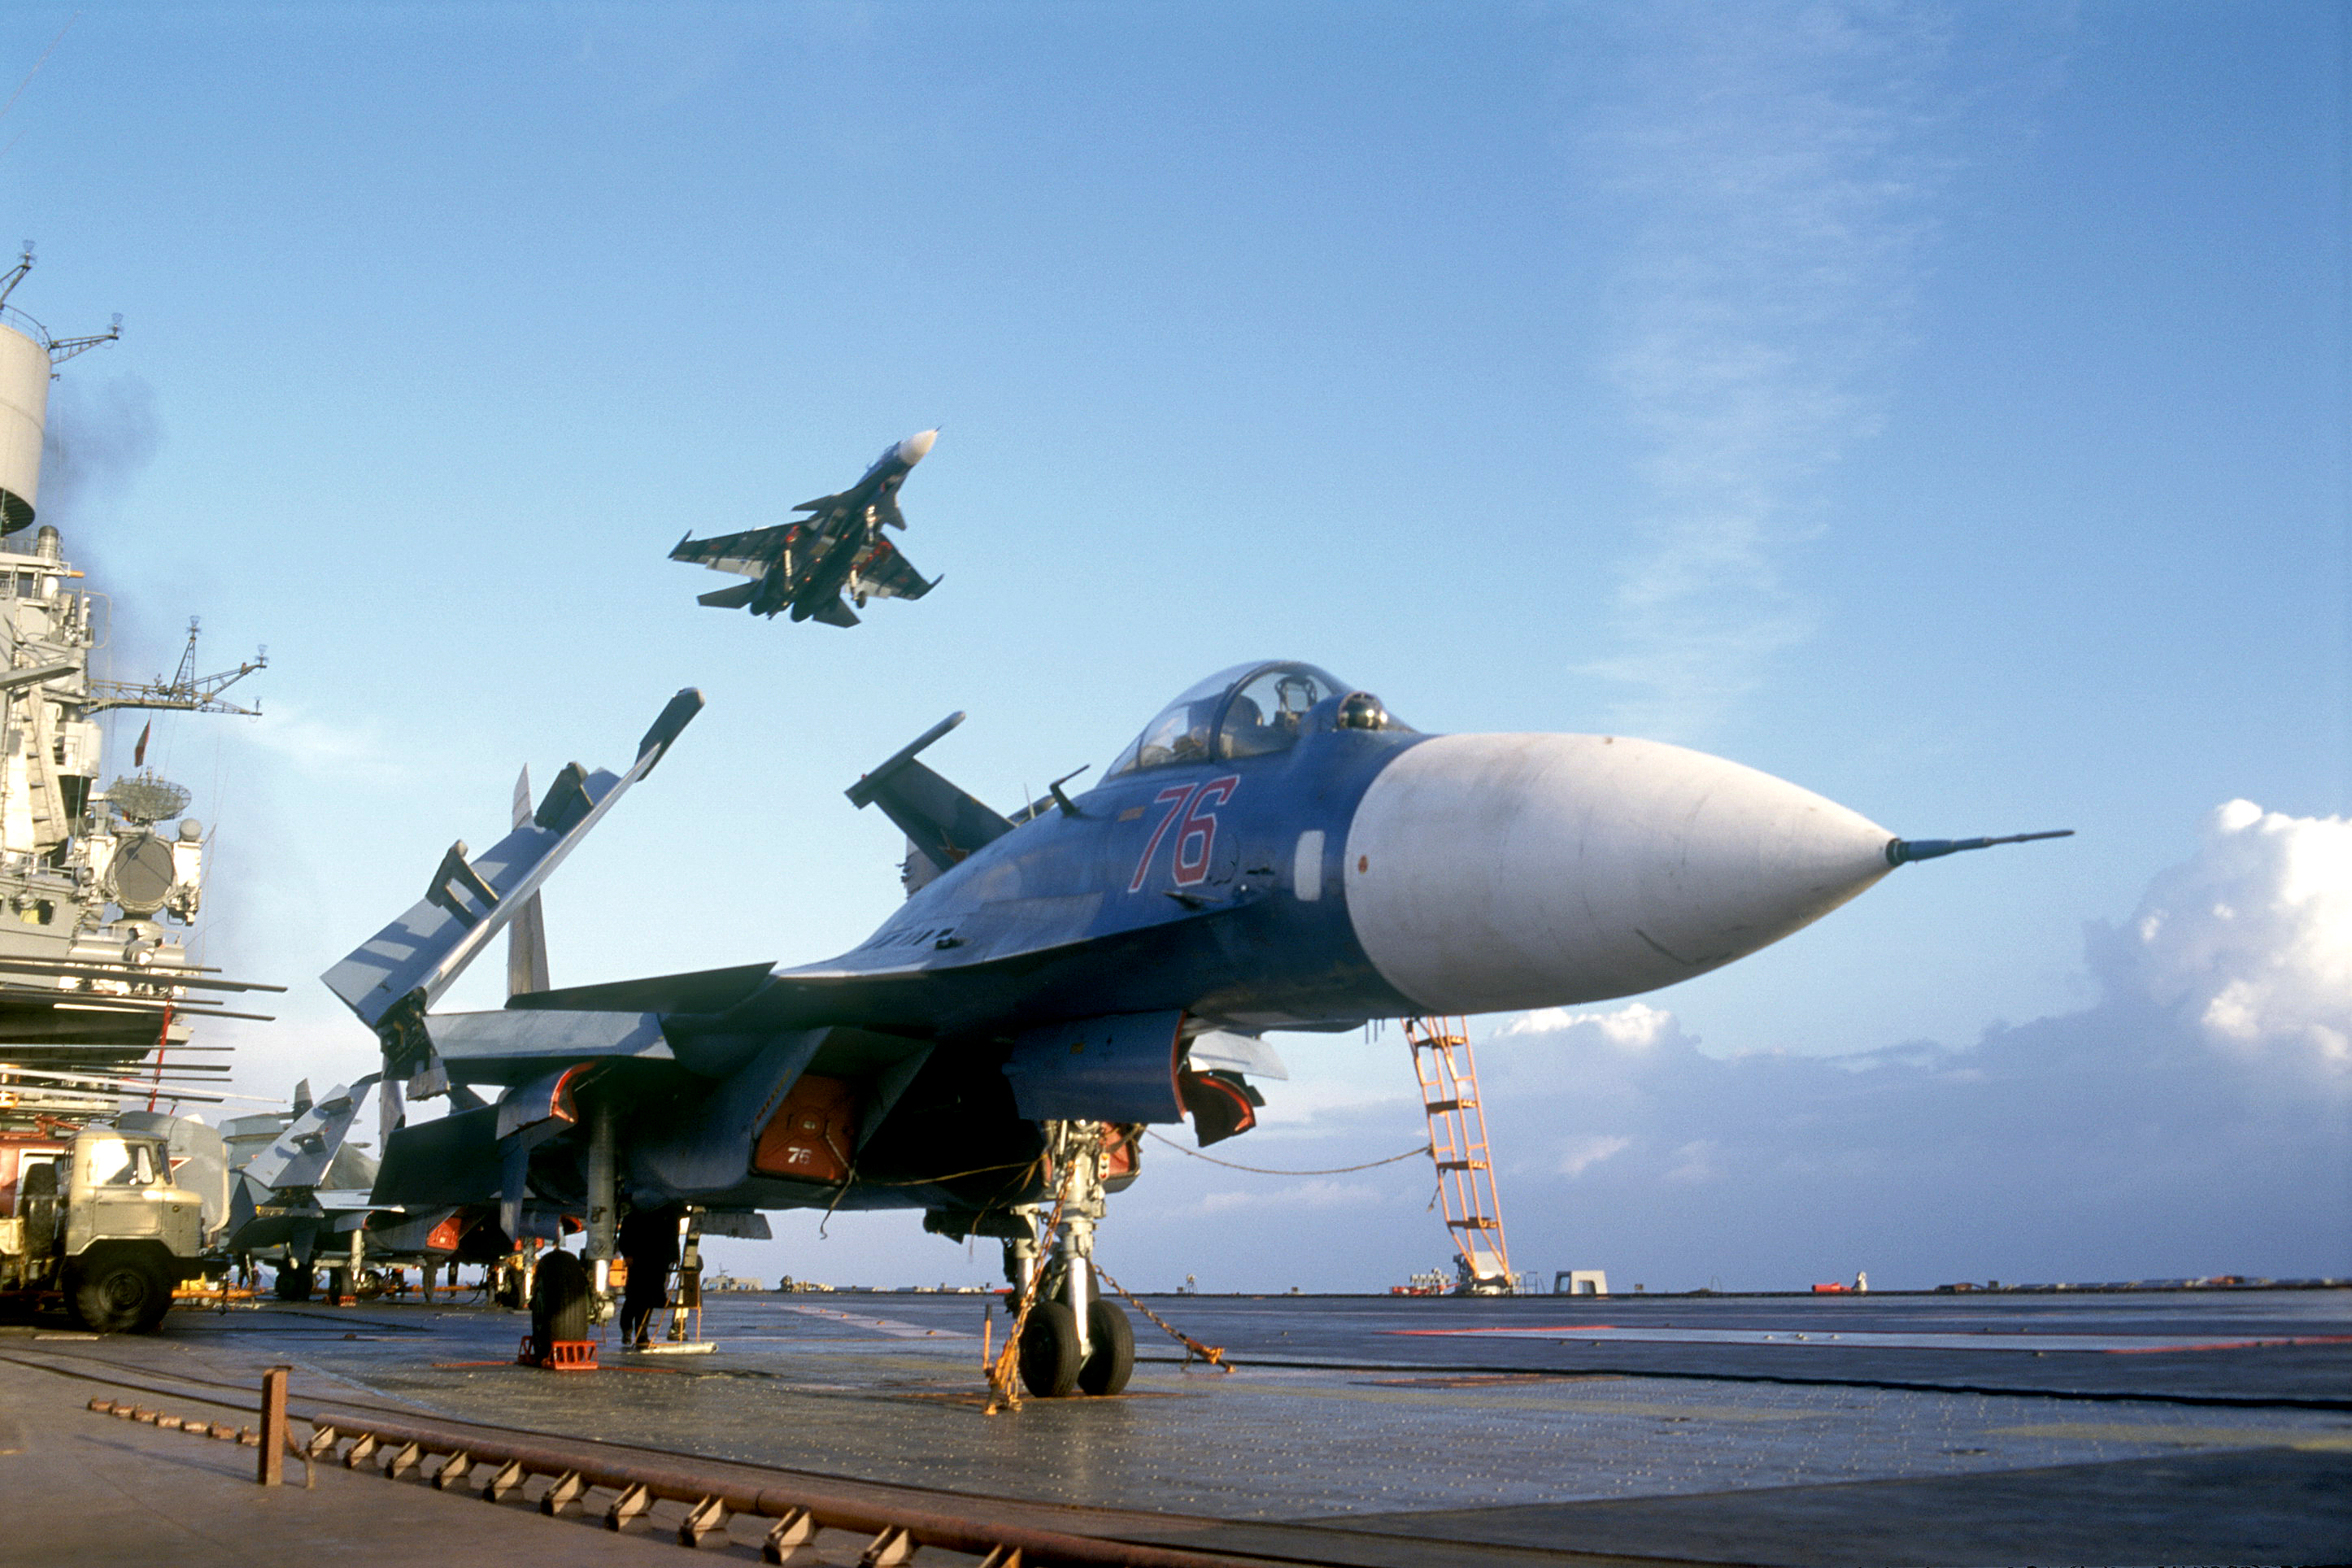 варианты авиация армия и флот в картинках убрать себя